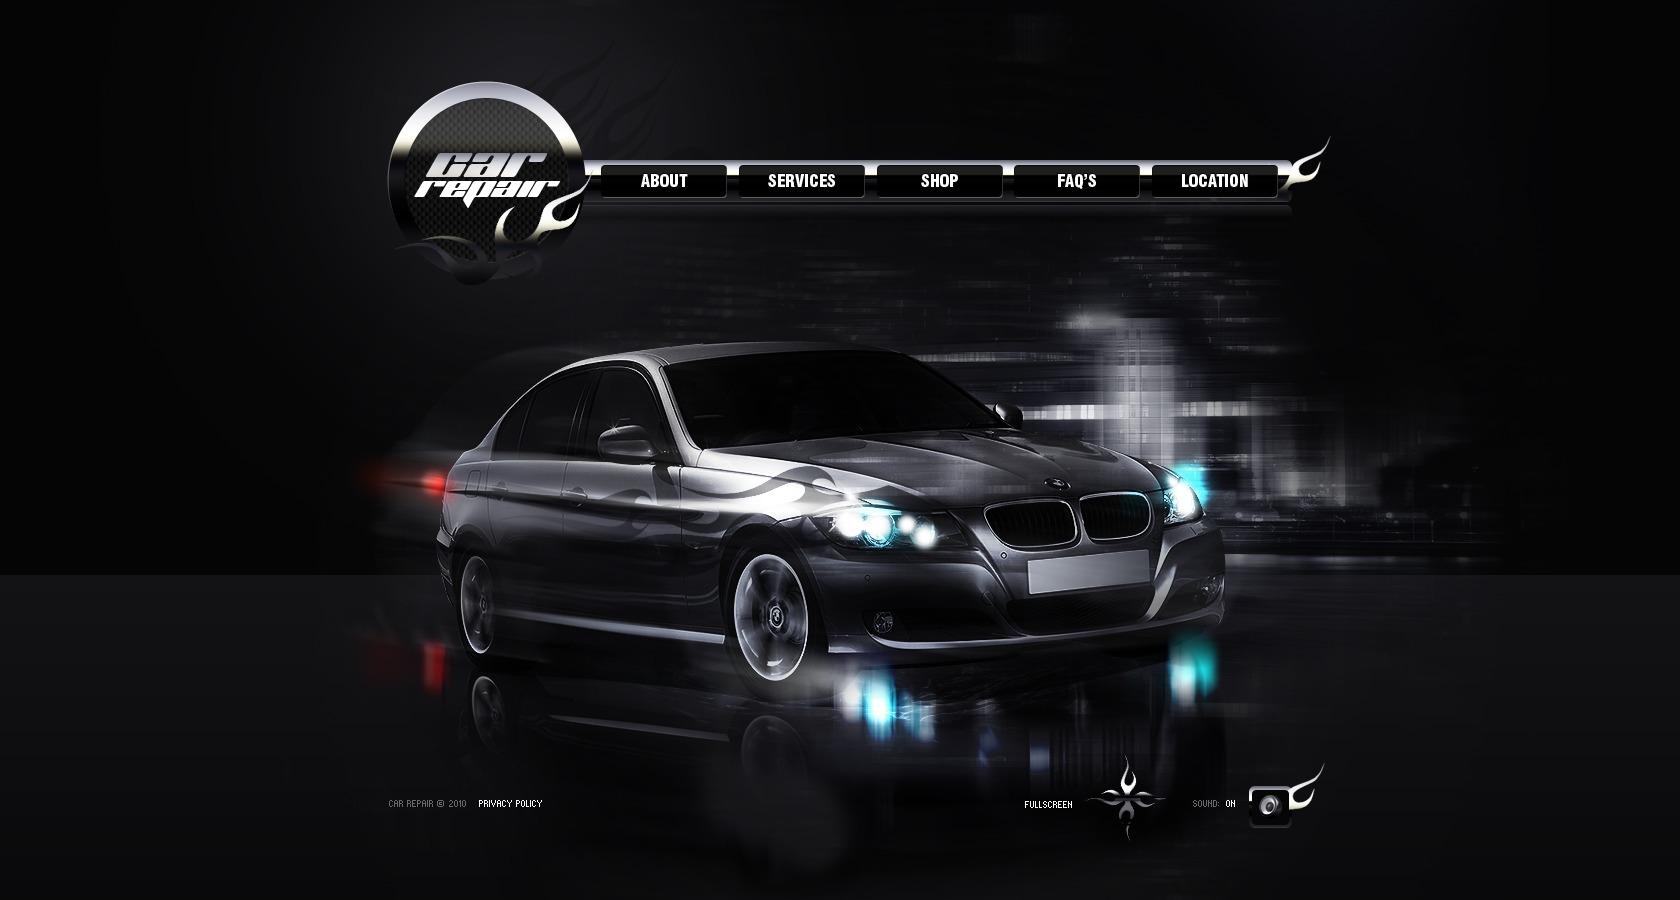 car repair flash template  28340